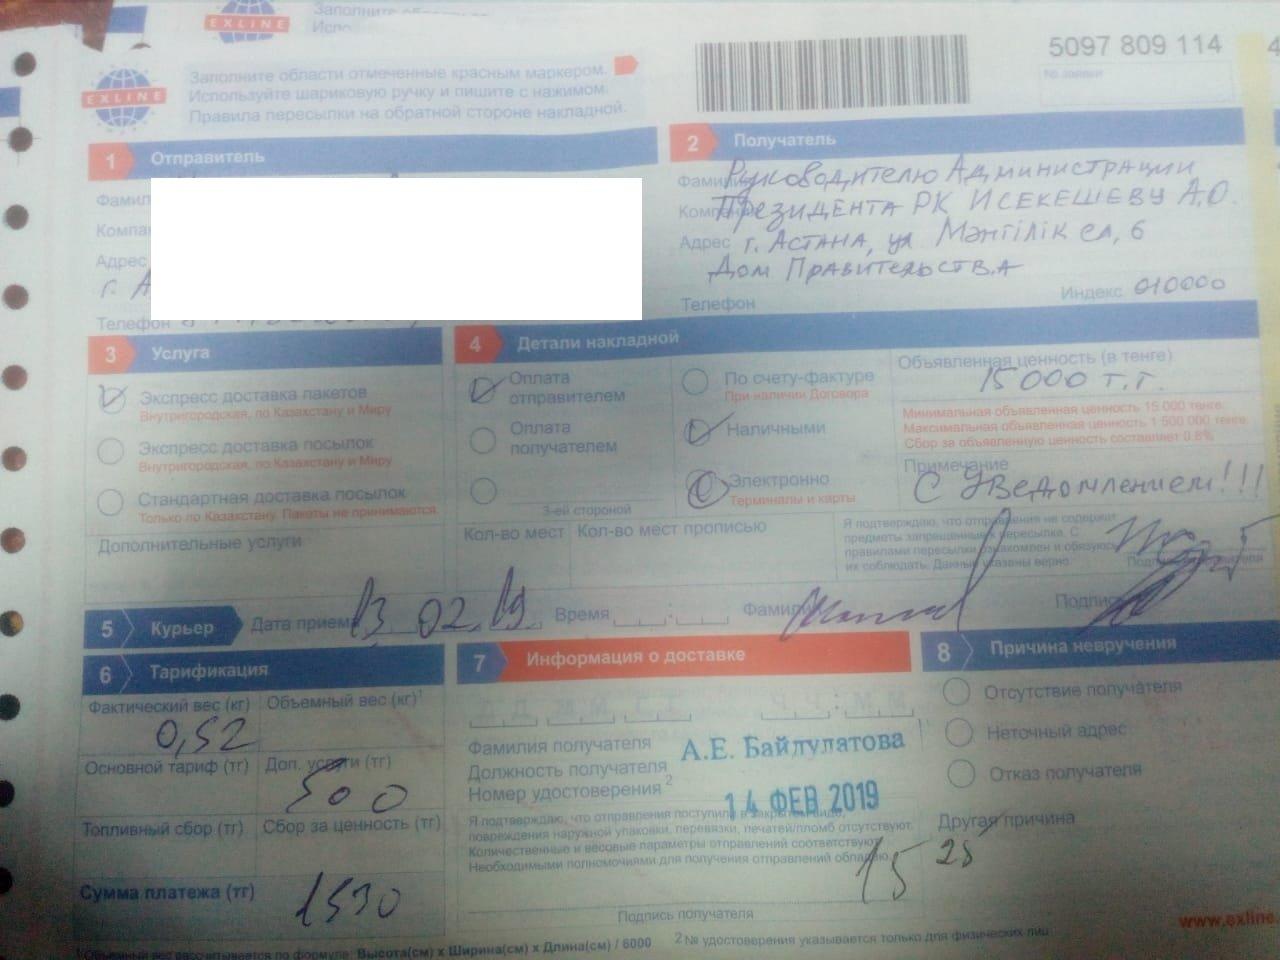 Из Актау в Астану и обратно: судьба писем с подписями от жителей Актау против новых тарифов, фото-2